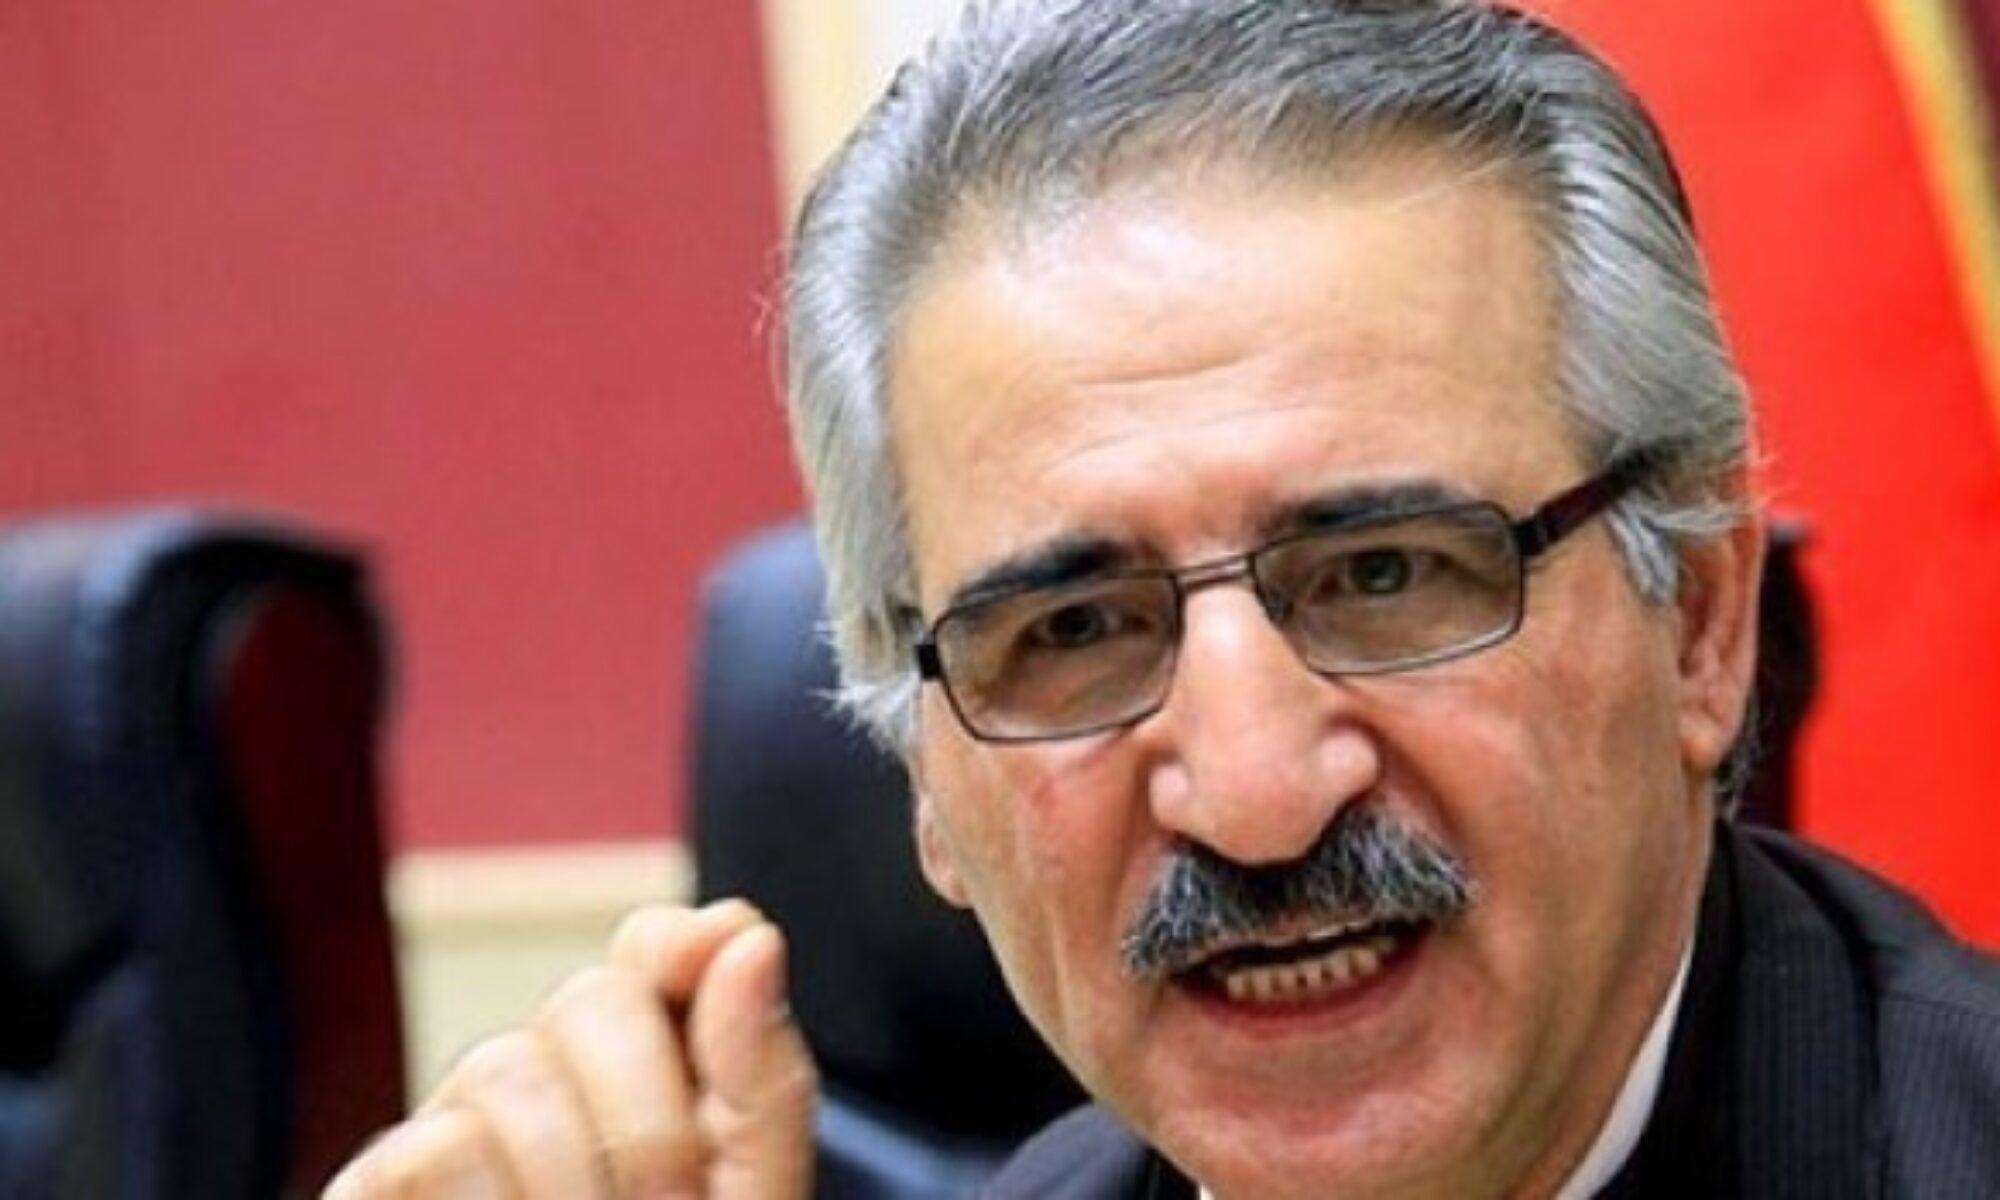 KYB Yöneticisi Baxtiyar: PKK'nin savaşı gerçek mevzisine taşımaması Güney'deki sivil mücadeleye zarar veriyor